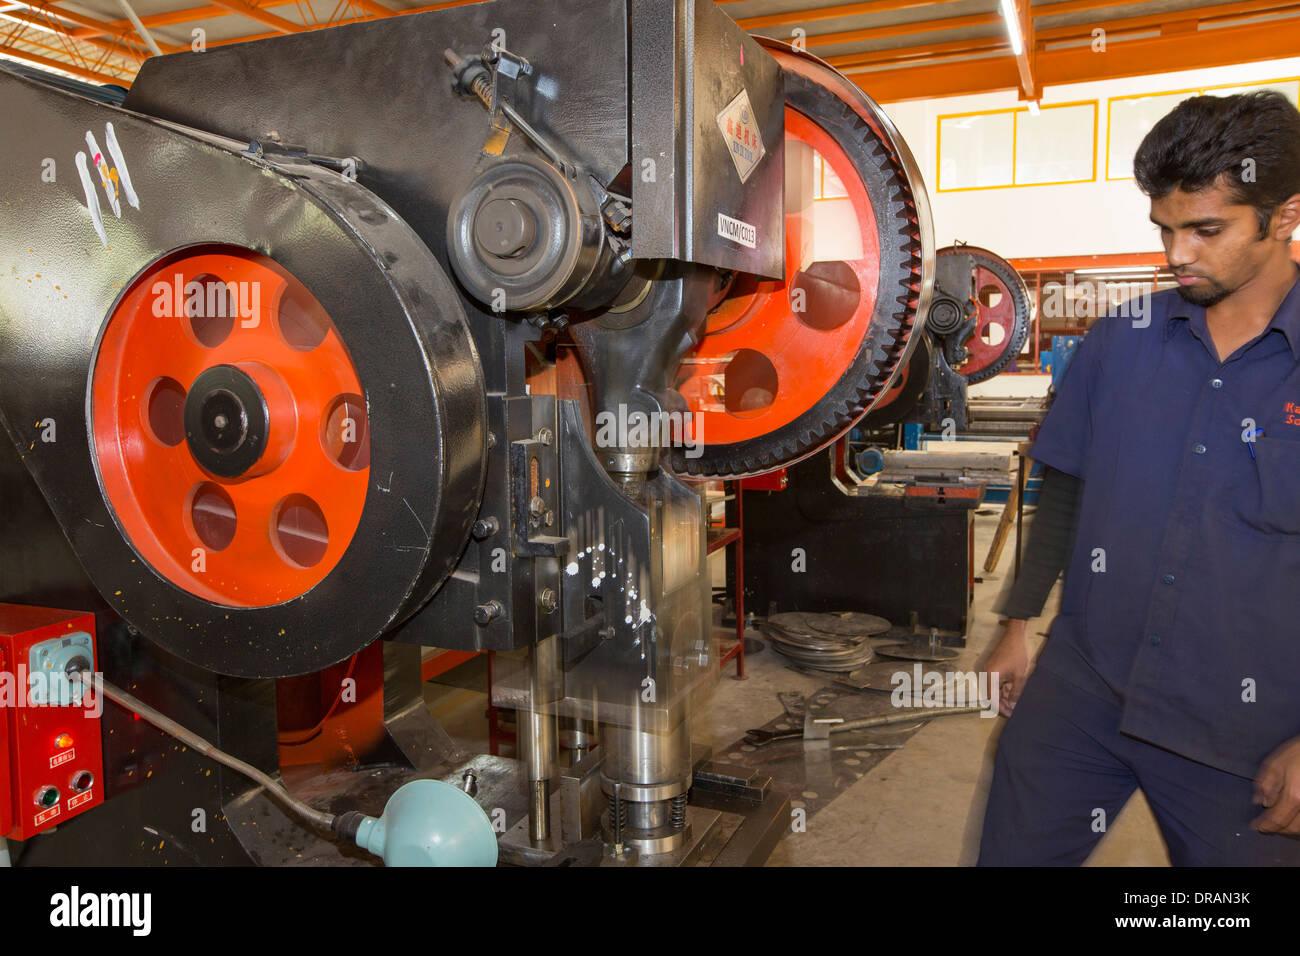 Die Kamal Fabrik in Bangalore, Karnataka, Indien, die thermische Sonnenkollektoren für die Warmwasserbereitung herstellt. Stockfoto